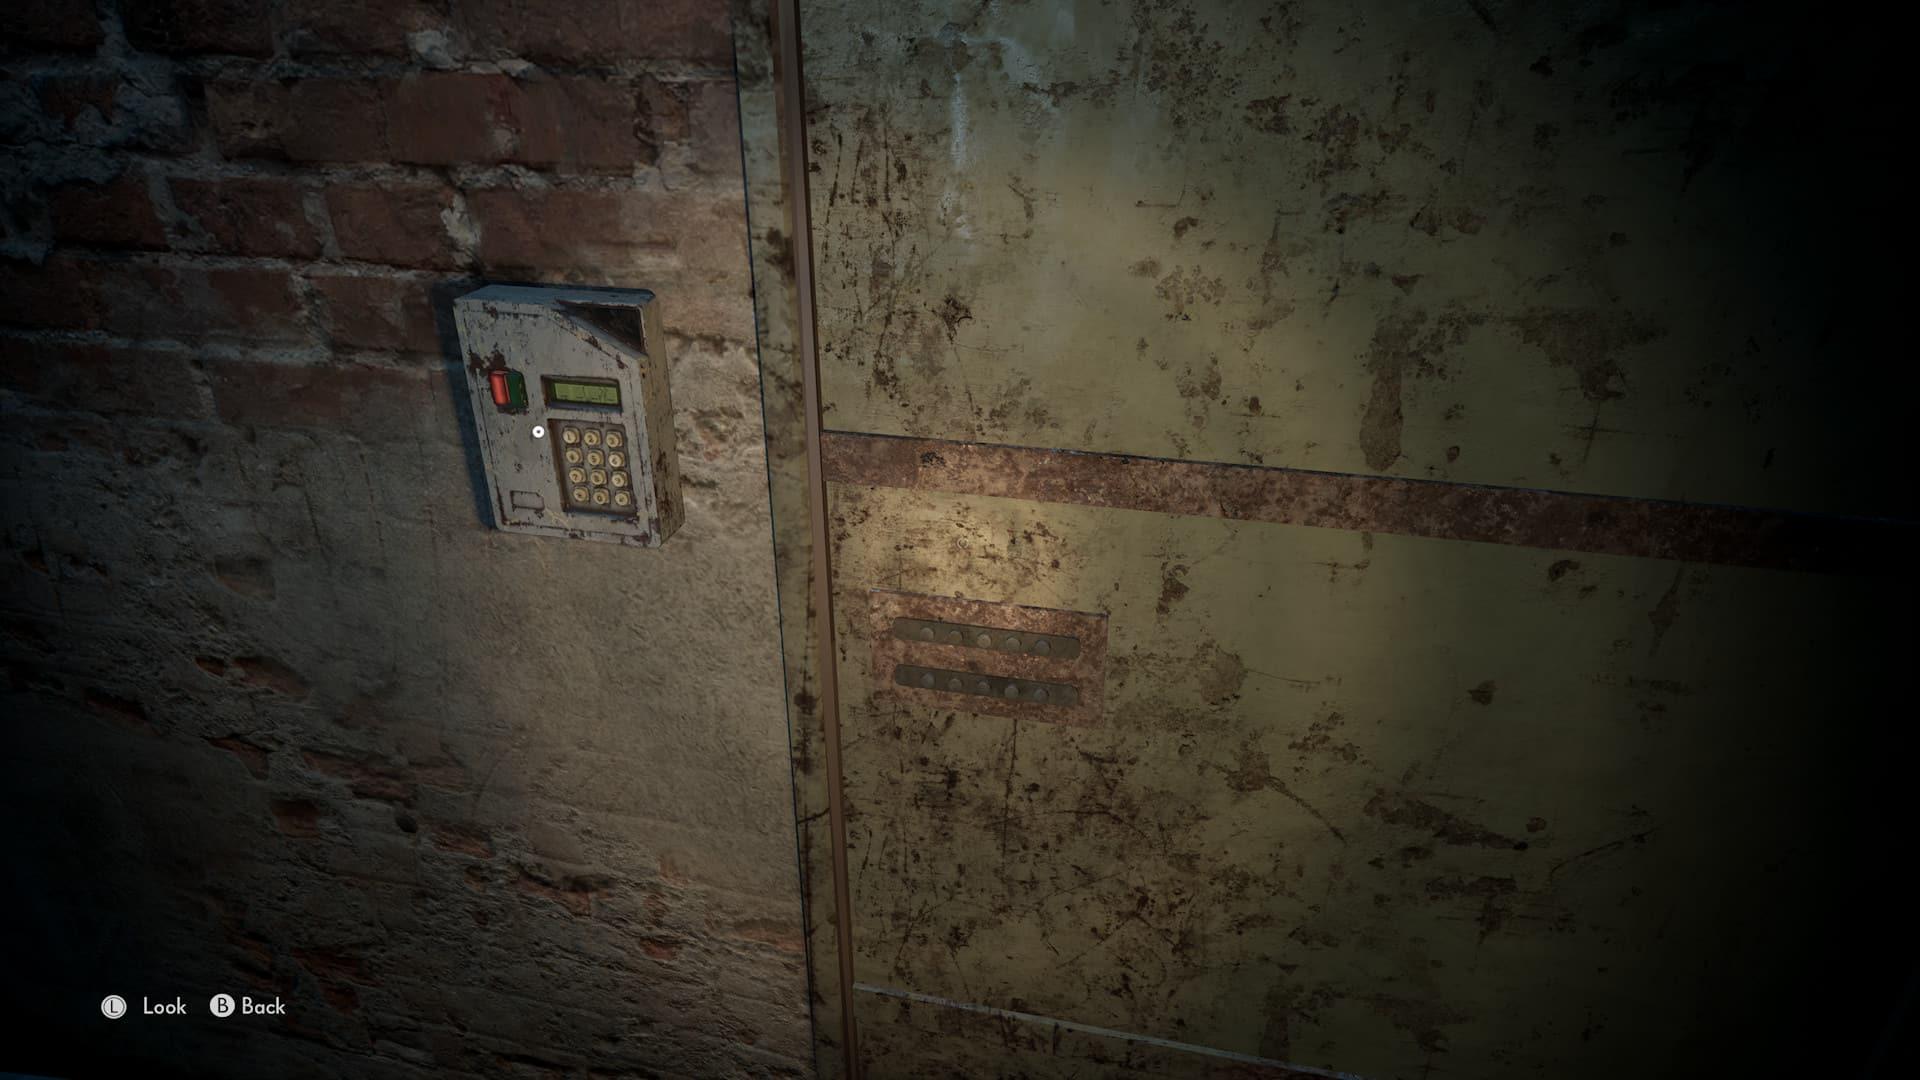 Bloober Team The Medium guide Red House locked door passcode code password 4 digit combination